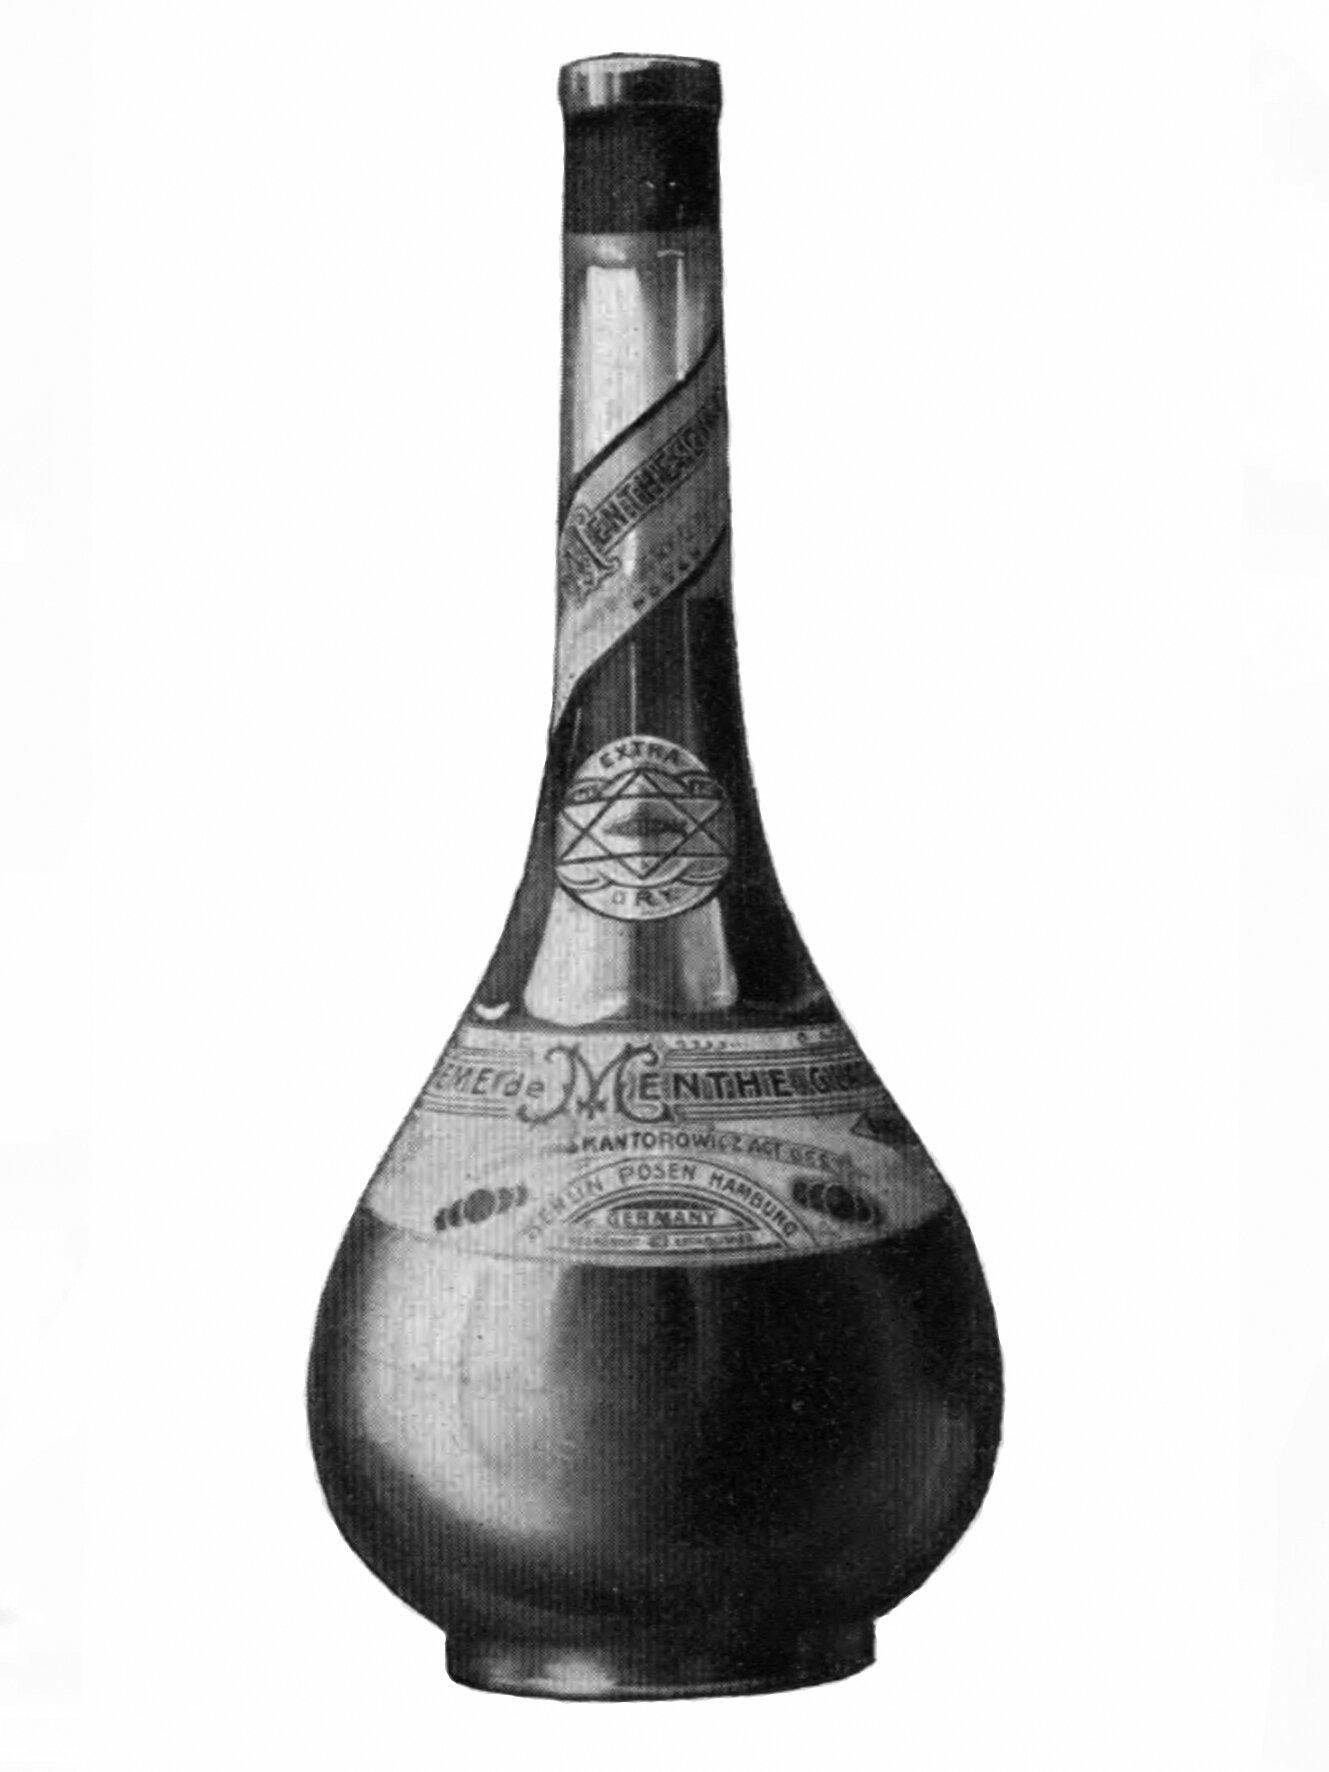 Kantorowicz Creme de Menthe, © Gerhard Schneider, Leipzig